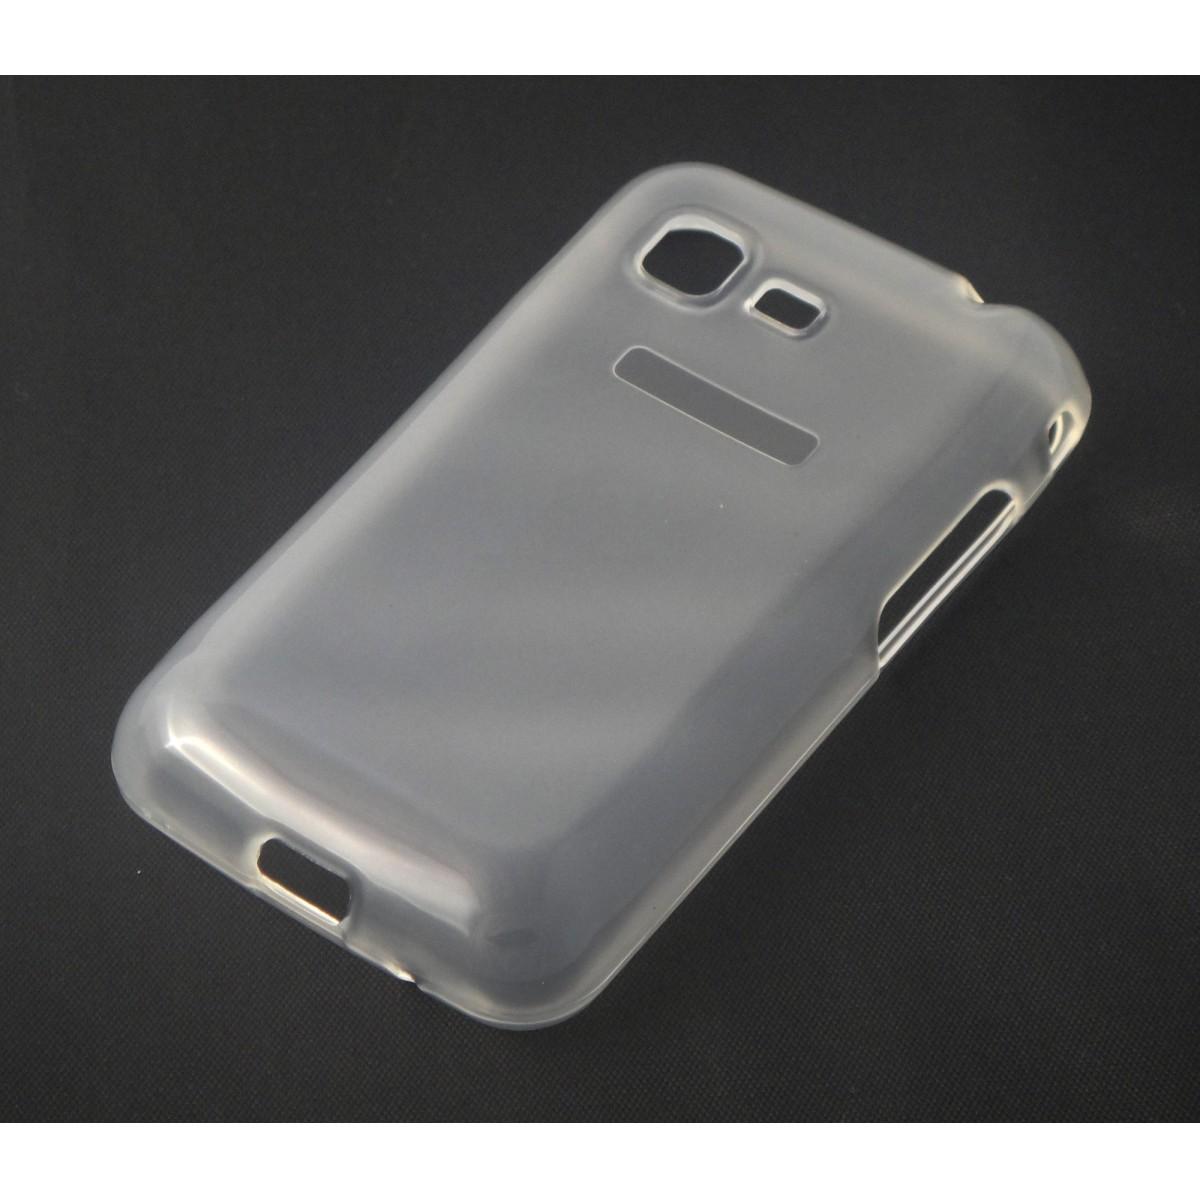 Capa TPU Transparente Samsung Galaxy Star 3 Duos S5222 + Película Flexível